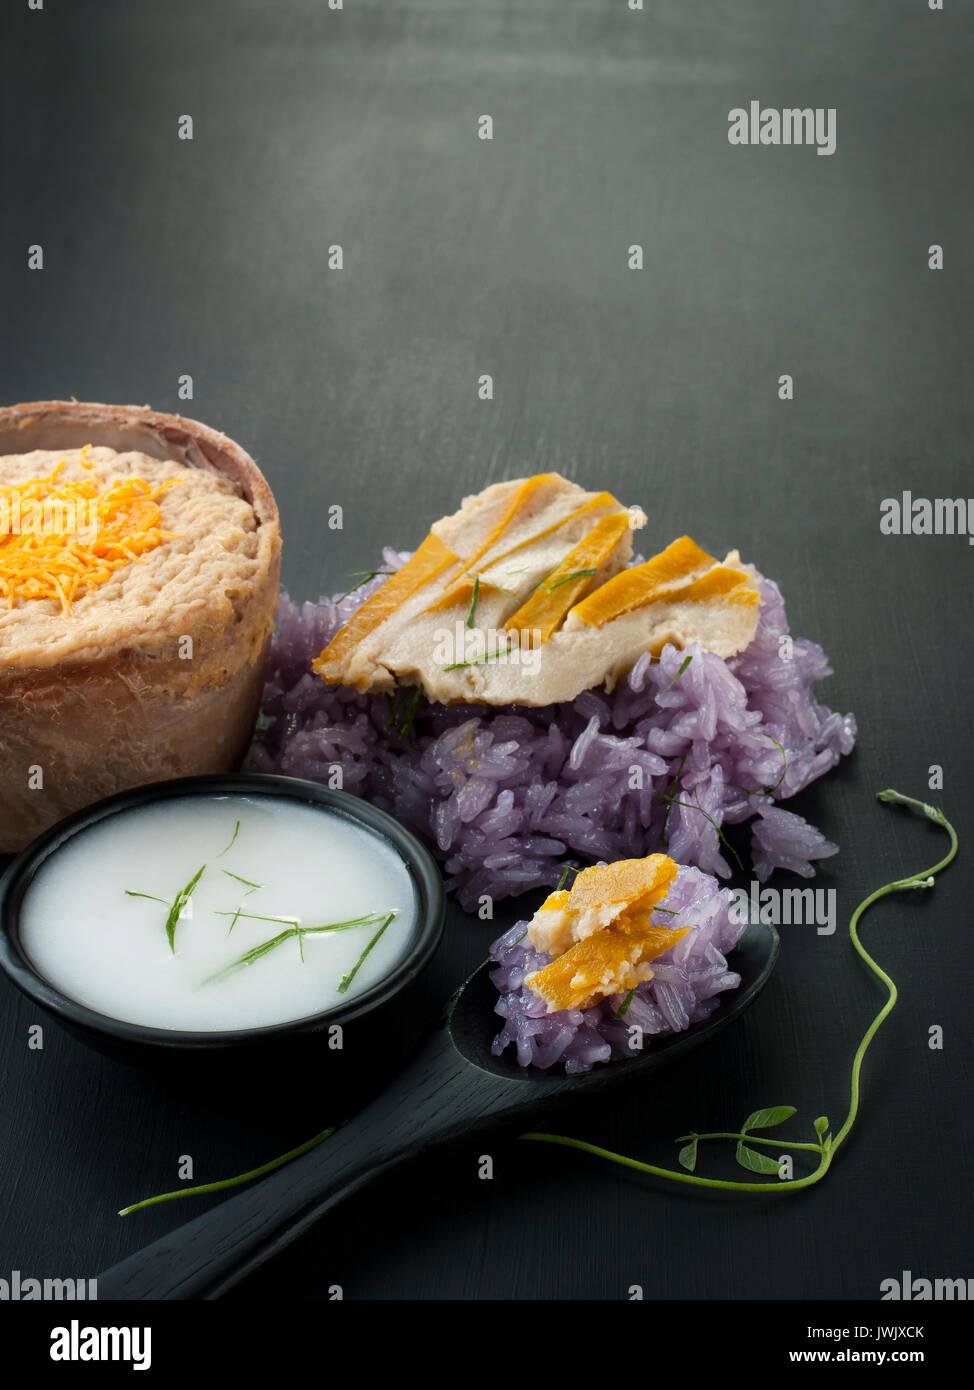 Guisante azul arroz pegajoso Thai flan con leche de coco postre tailandés comida asiática styling Foto de stock